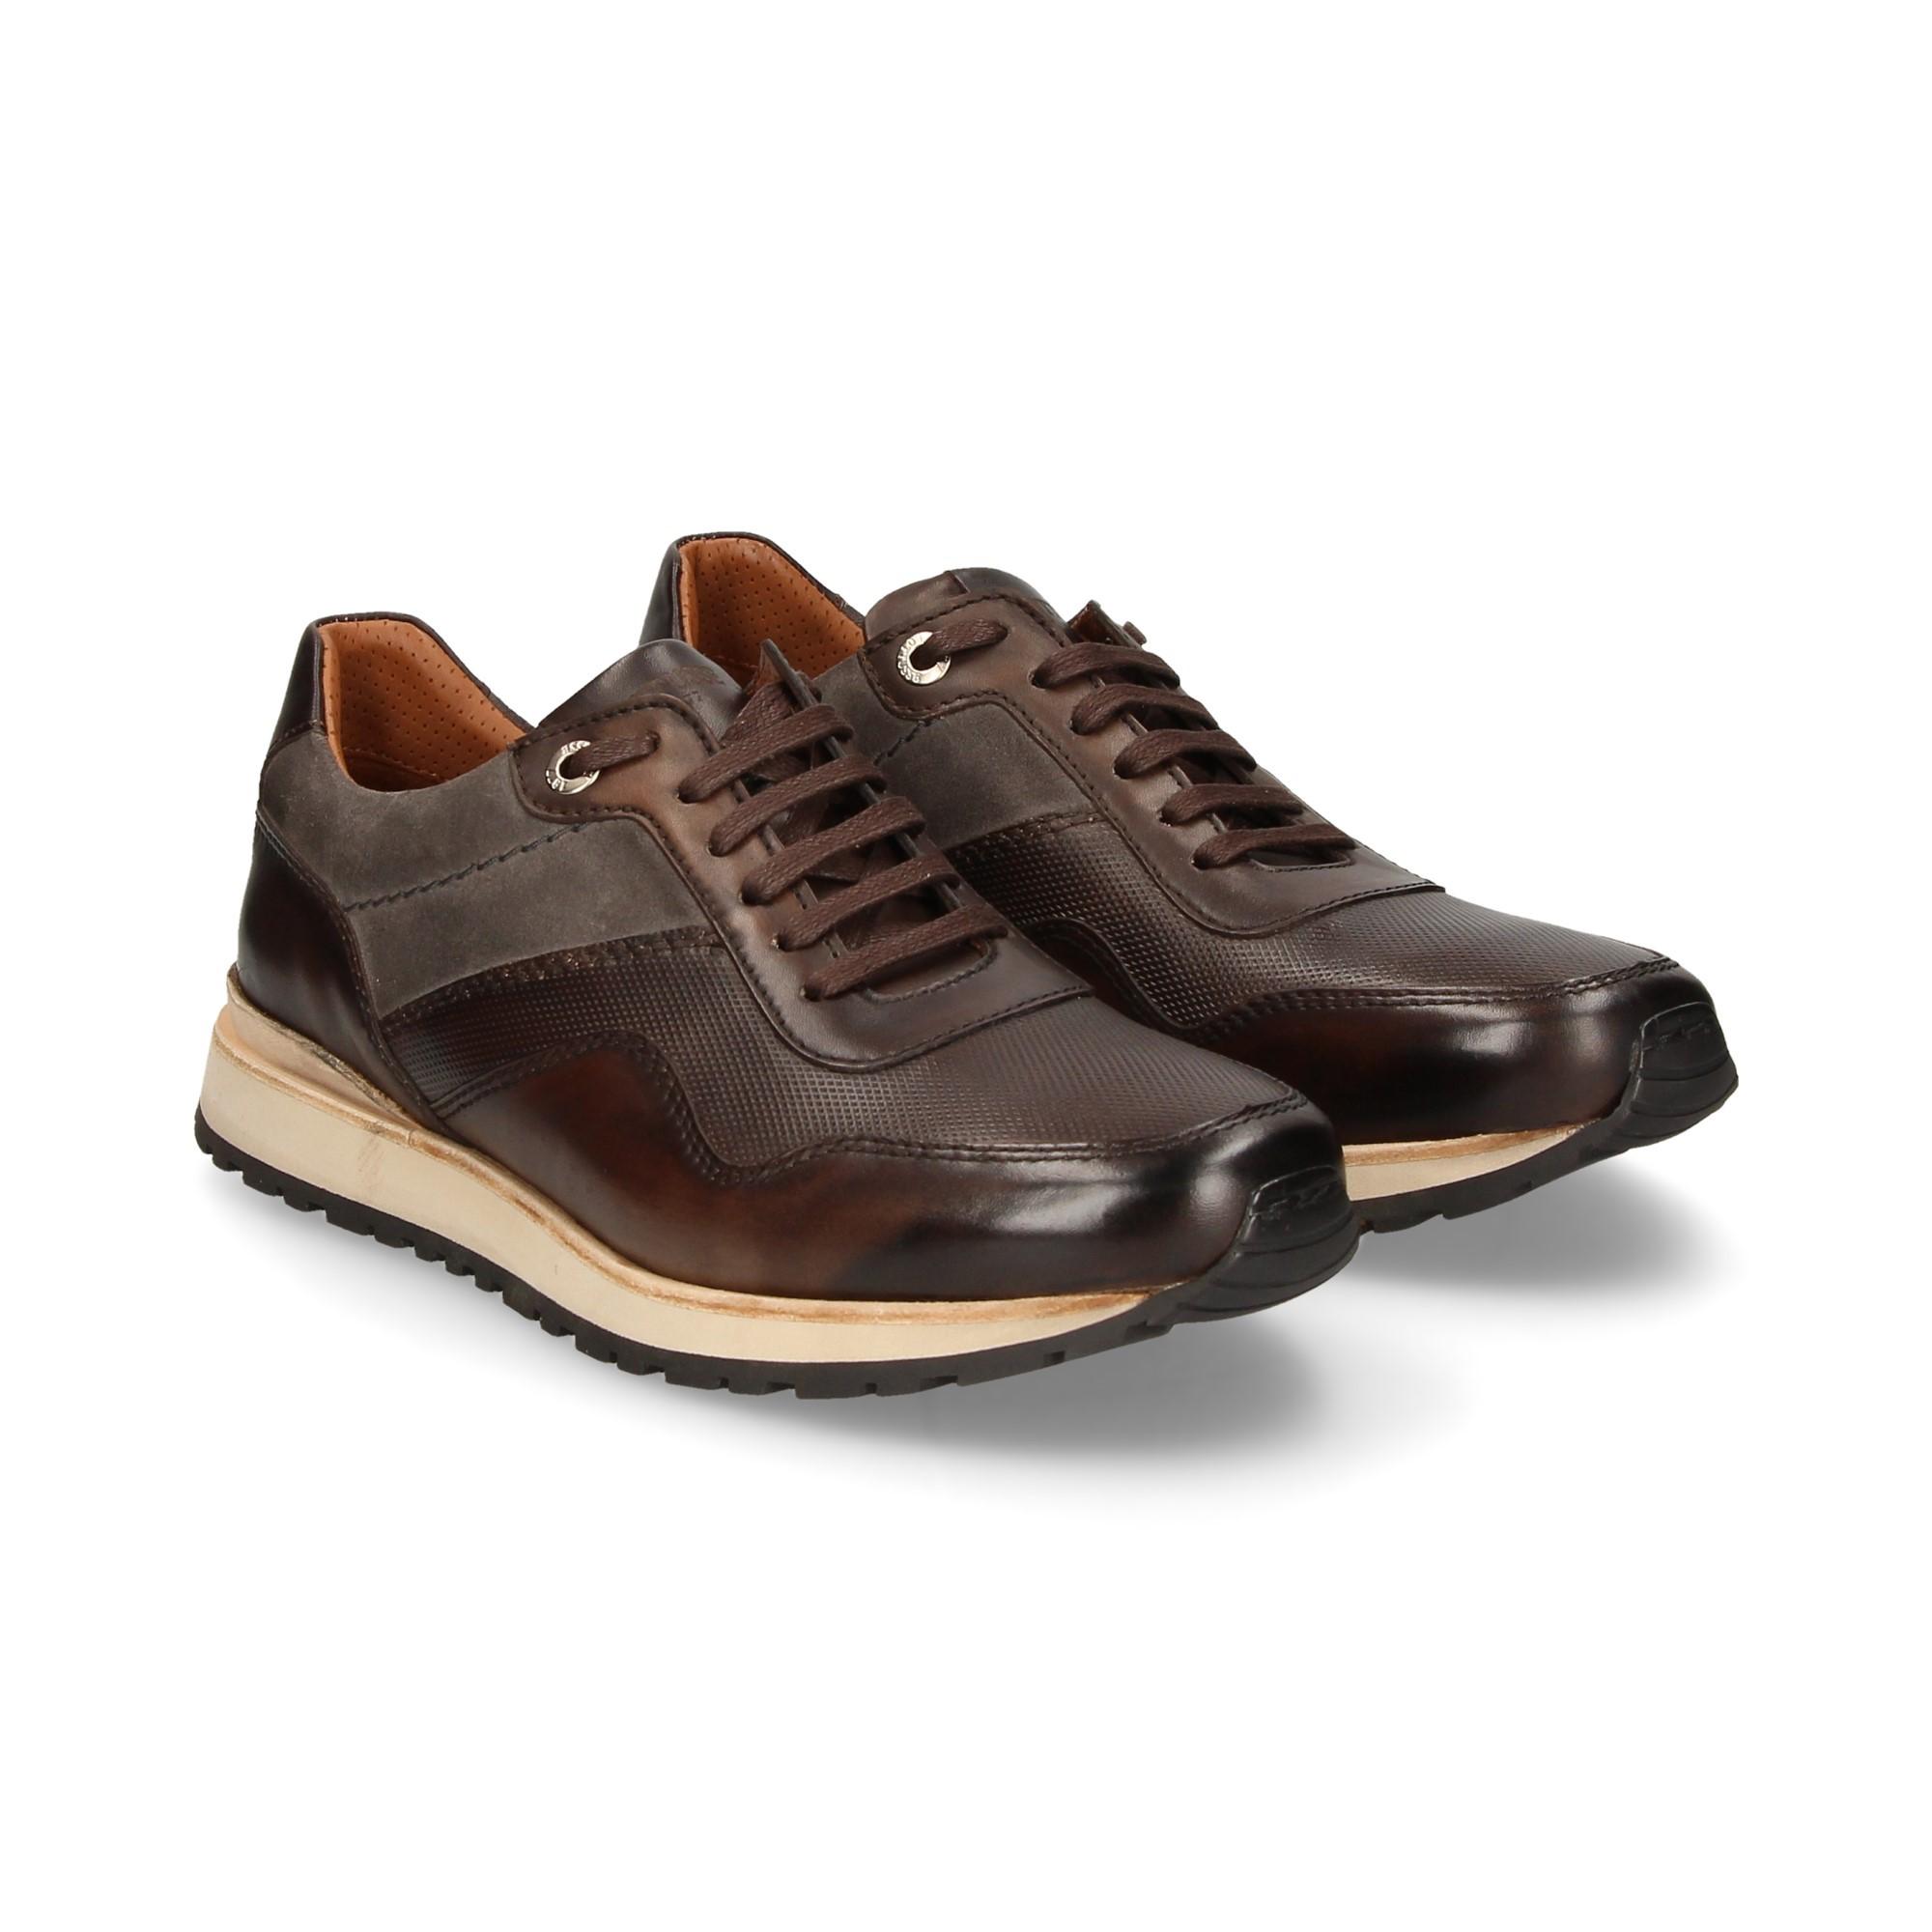 buy online bae46 9f4a4 LOTTUSSE Scarpe da ginnastica da uomo T2170 STONE